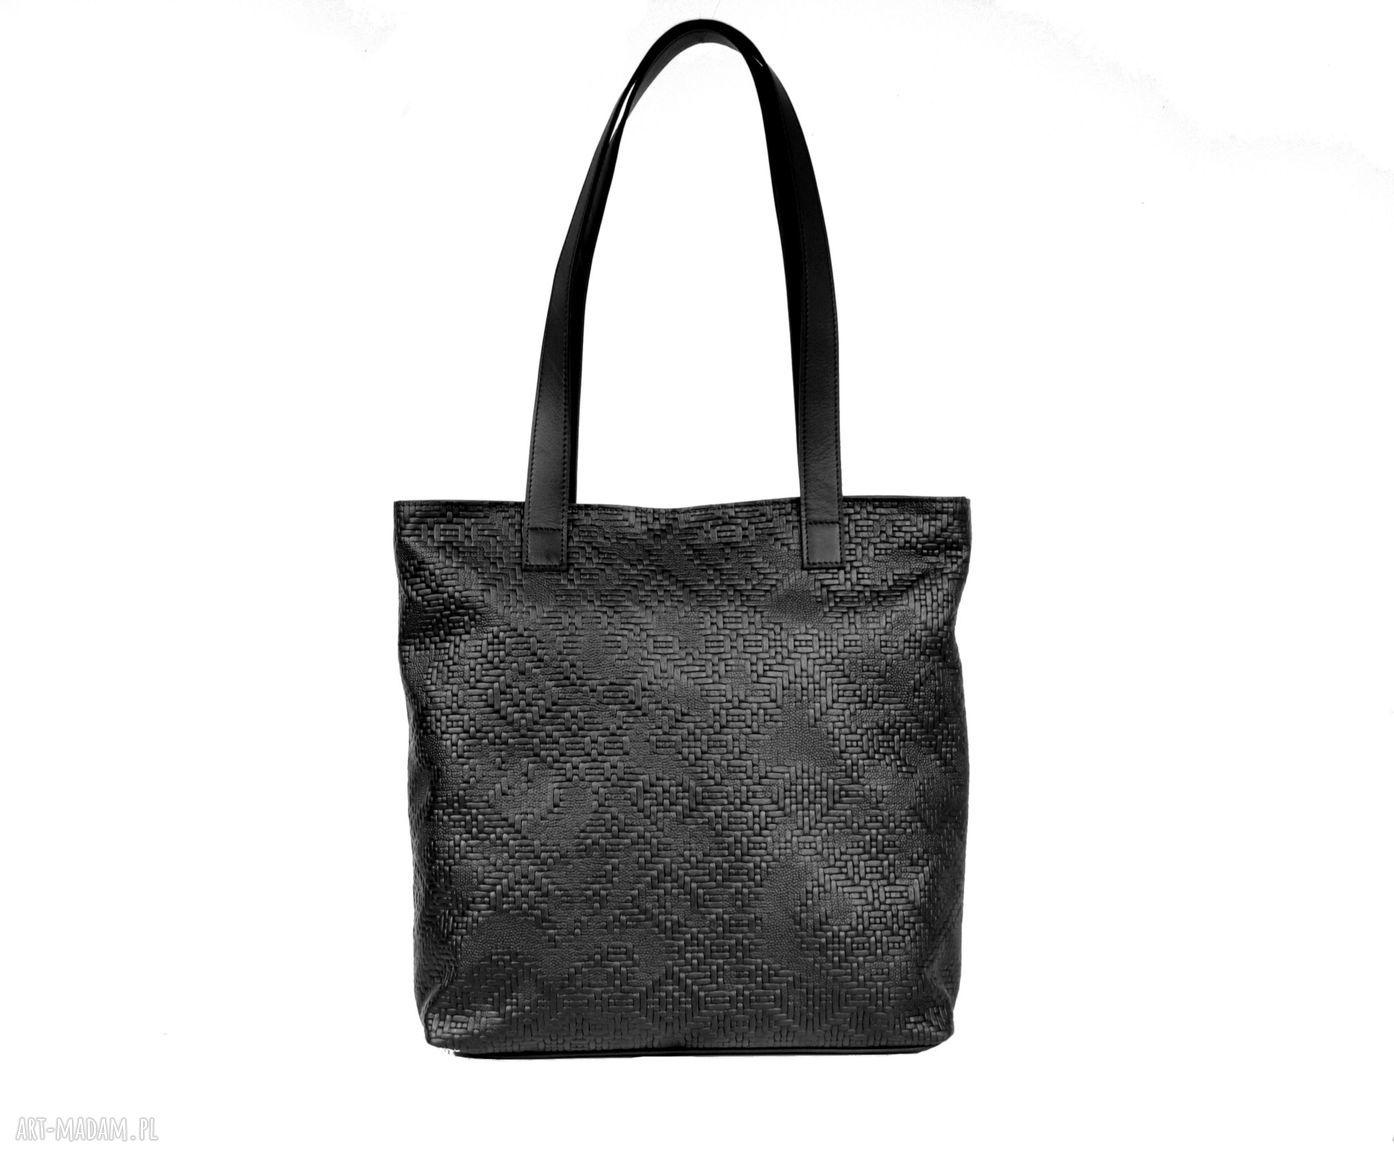 torebki torebka czarna wytłaczana skórzana torba